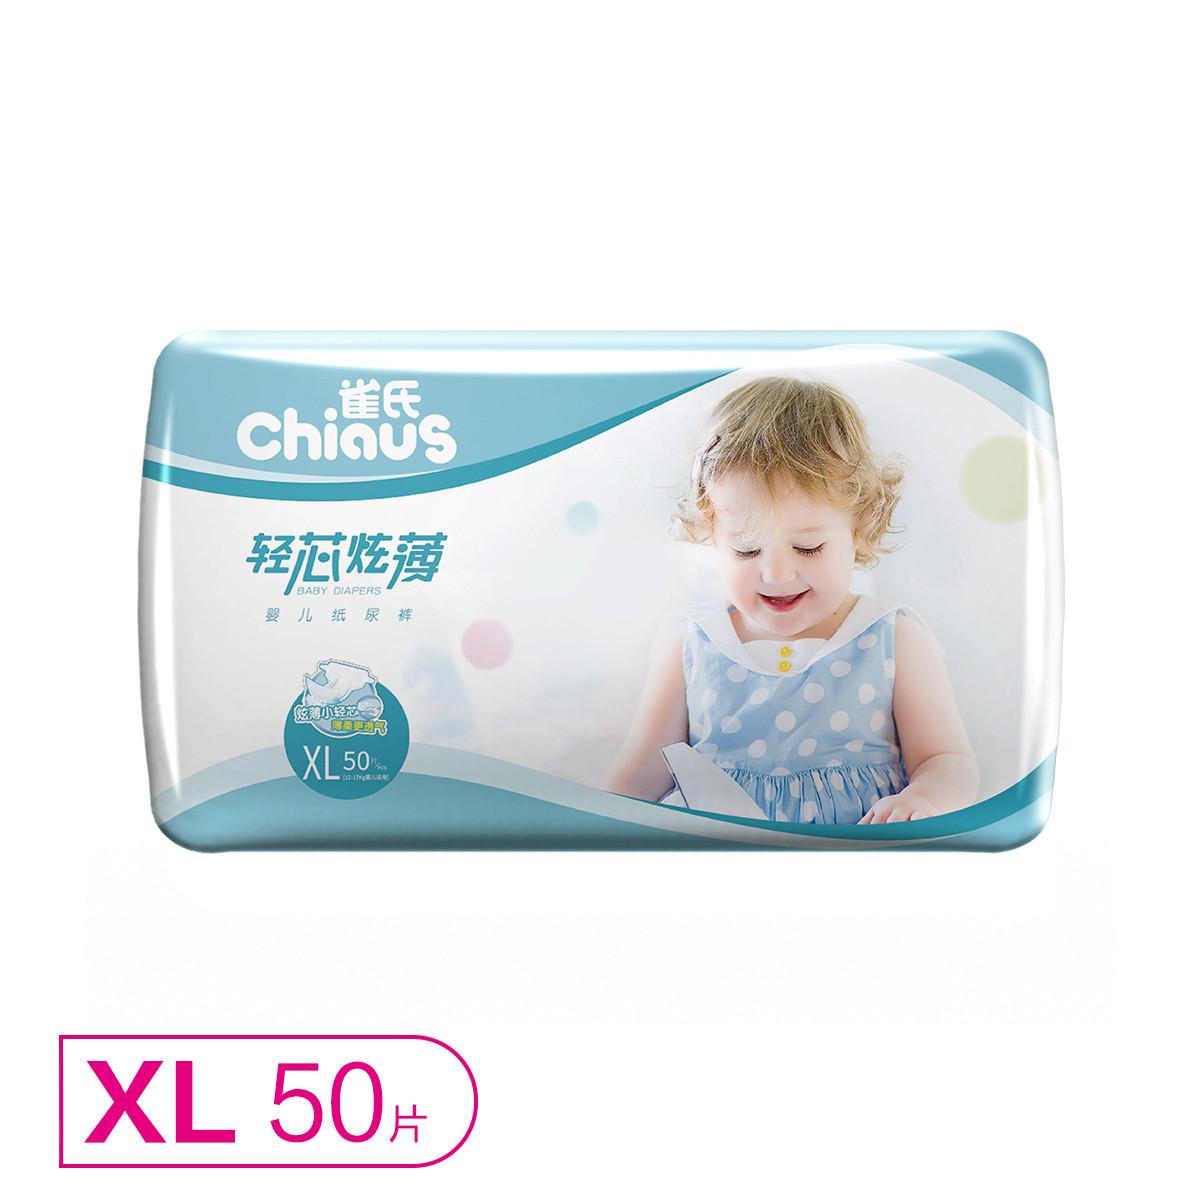 雀氏轻芯炫薄婴儿纸尿裤(非拉拉裤)宝宝尿不湿XL50片(新旧随机)